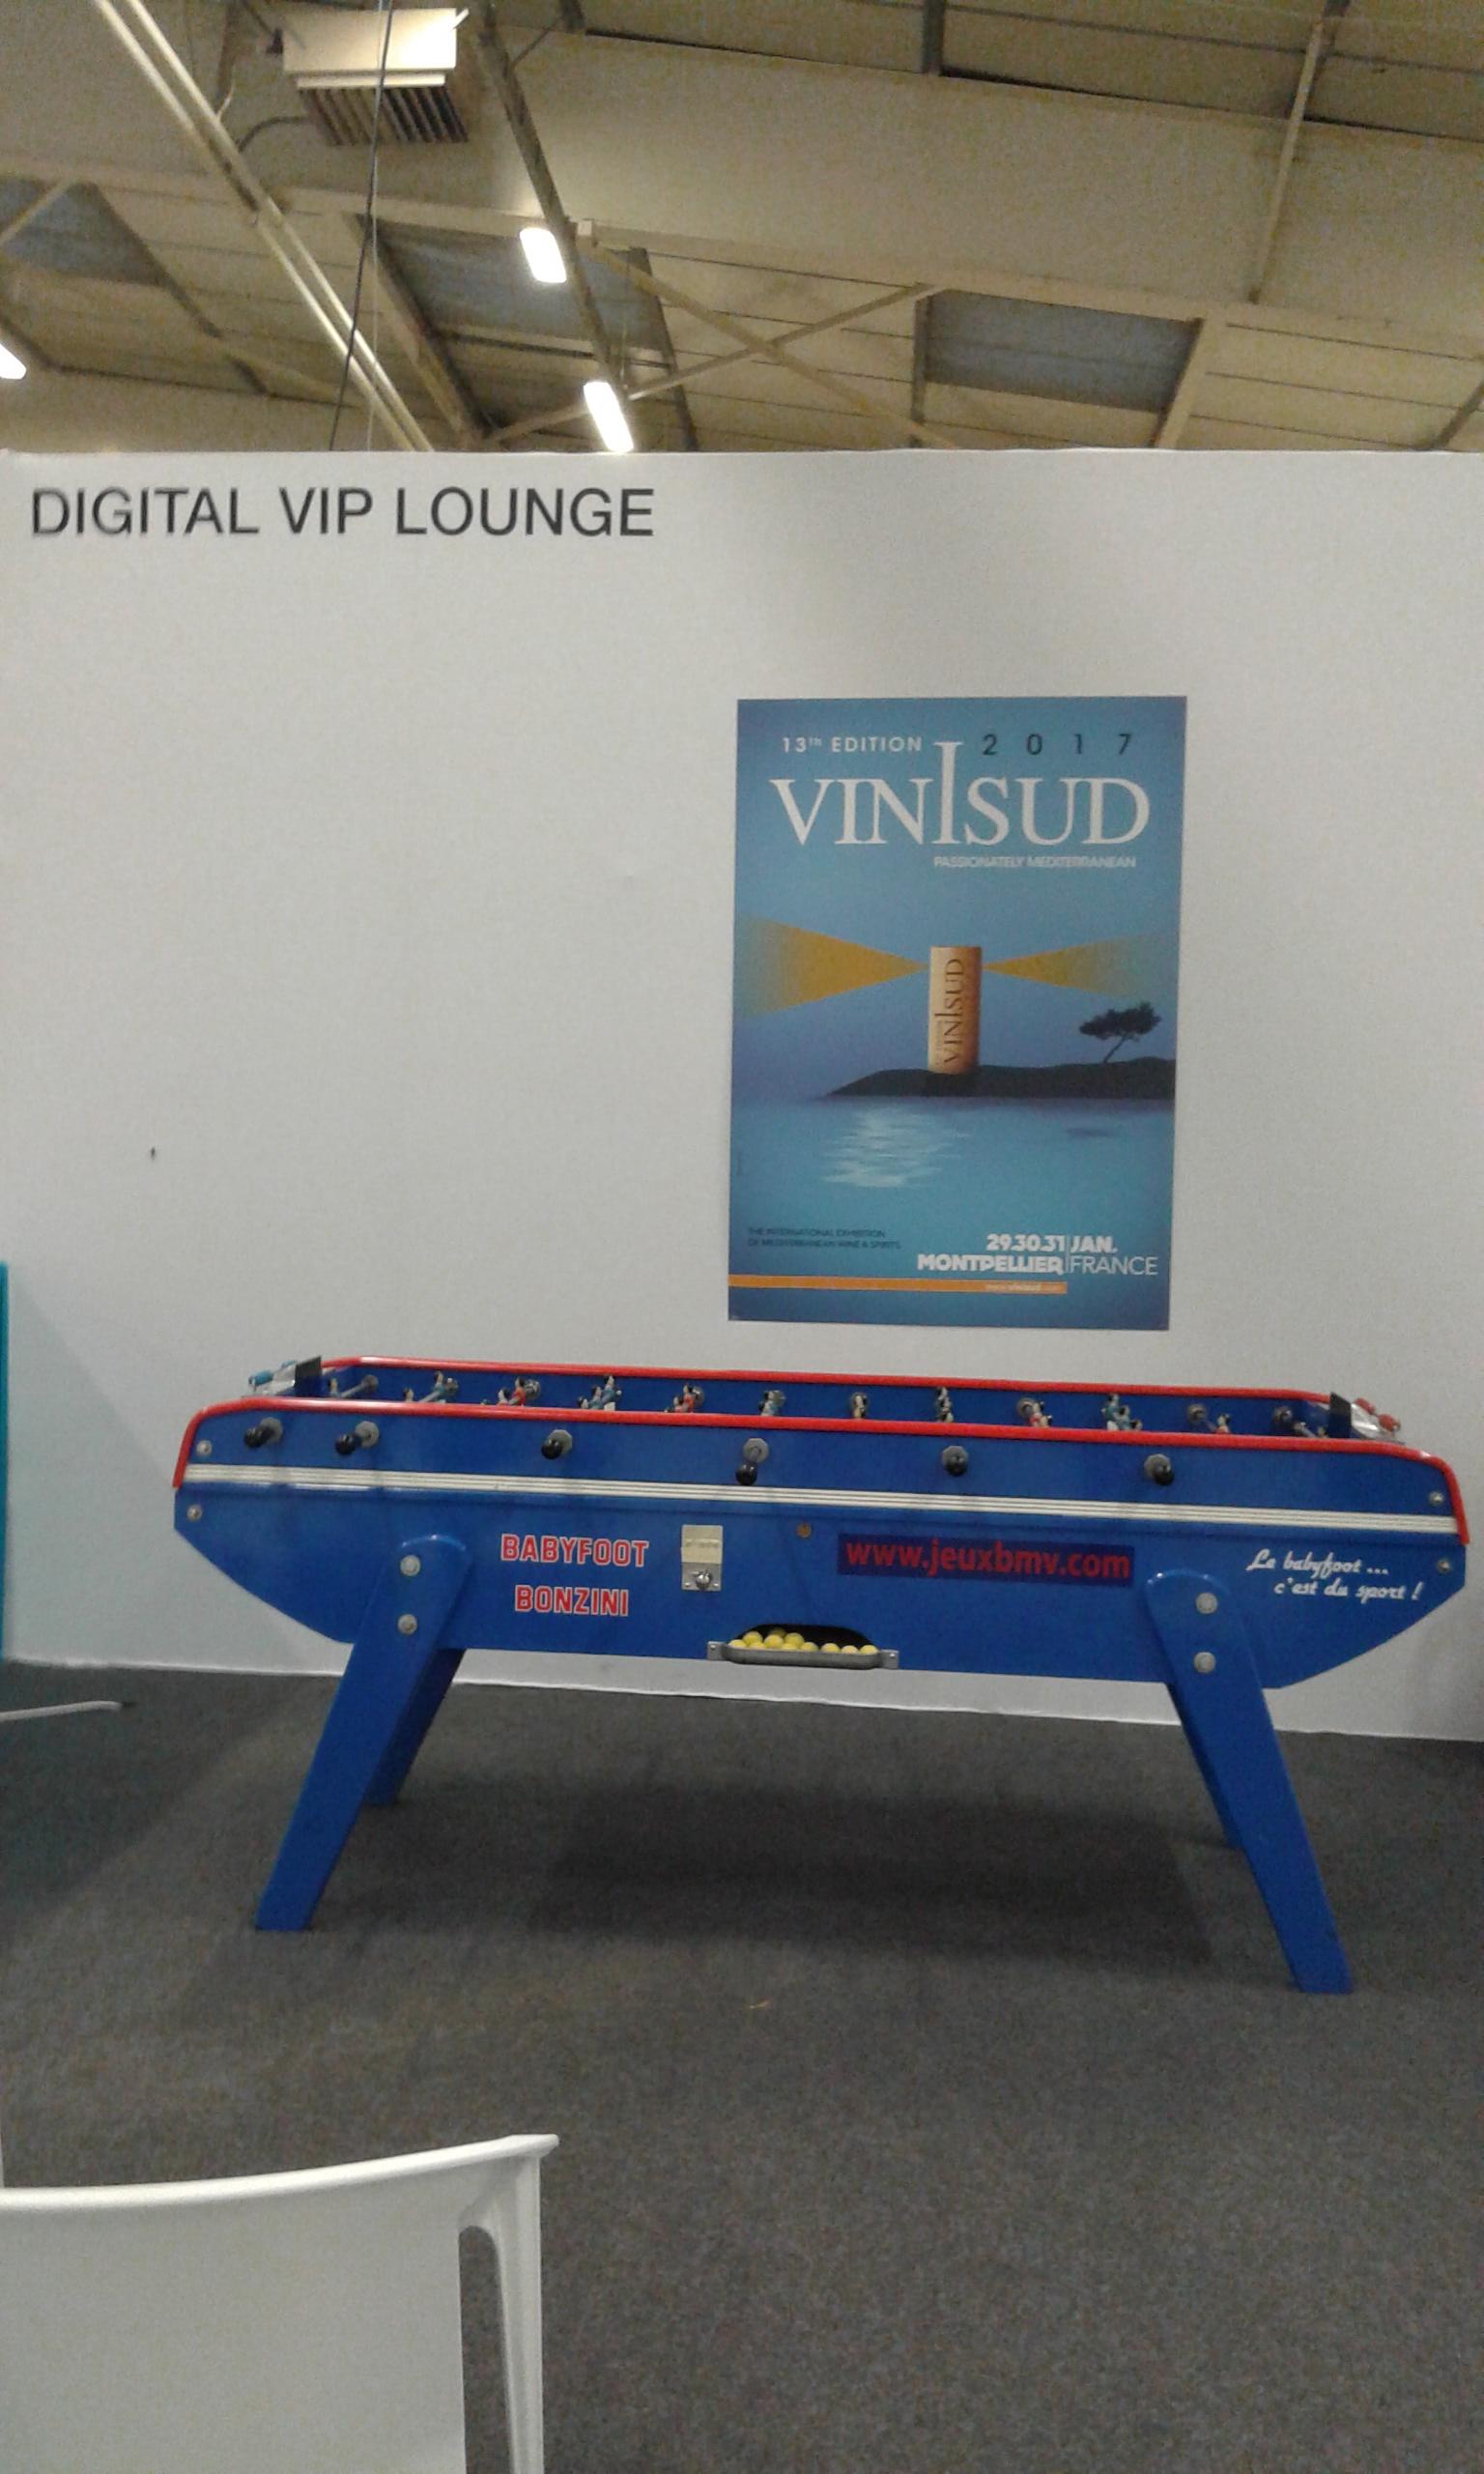 Baby-foot Bonzini B93 Bleu 6 Joueurs - Vinisud - Parc des expositions - Montpellier